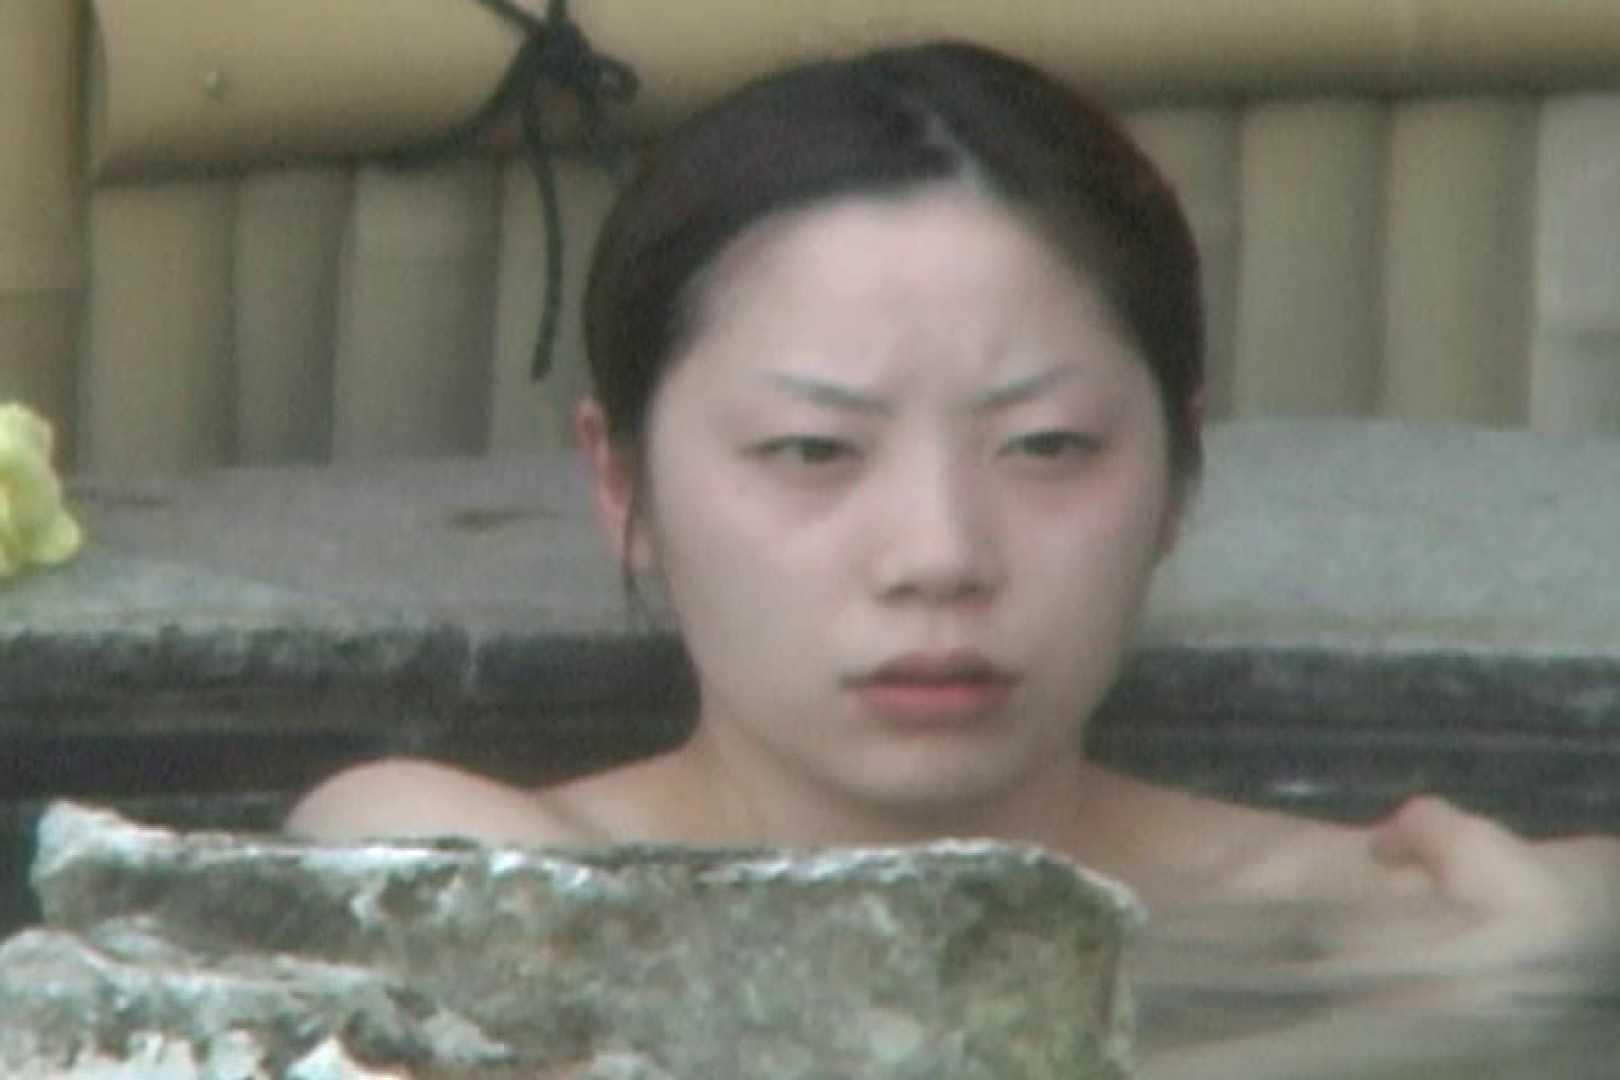 Aquaな露天風呂Vol.596 盗撮シリーズ  113PIX 8